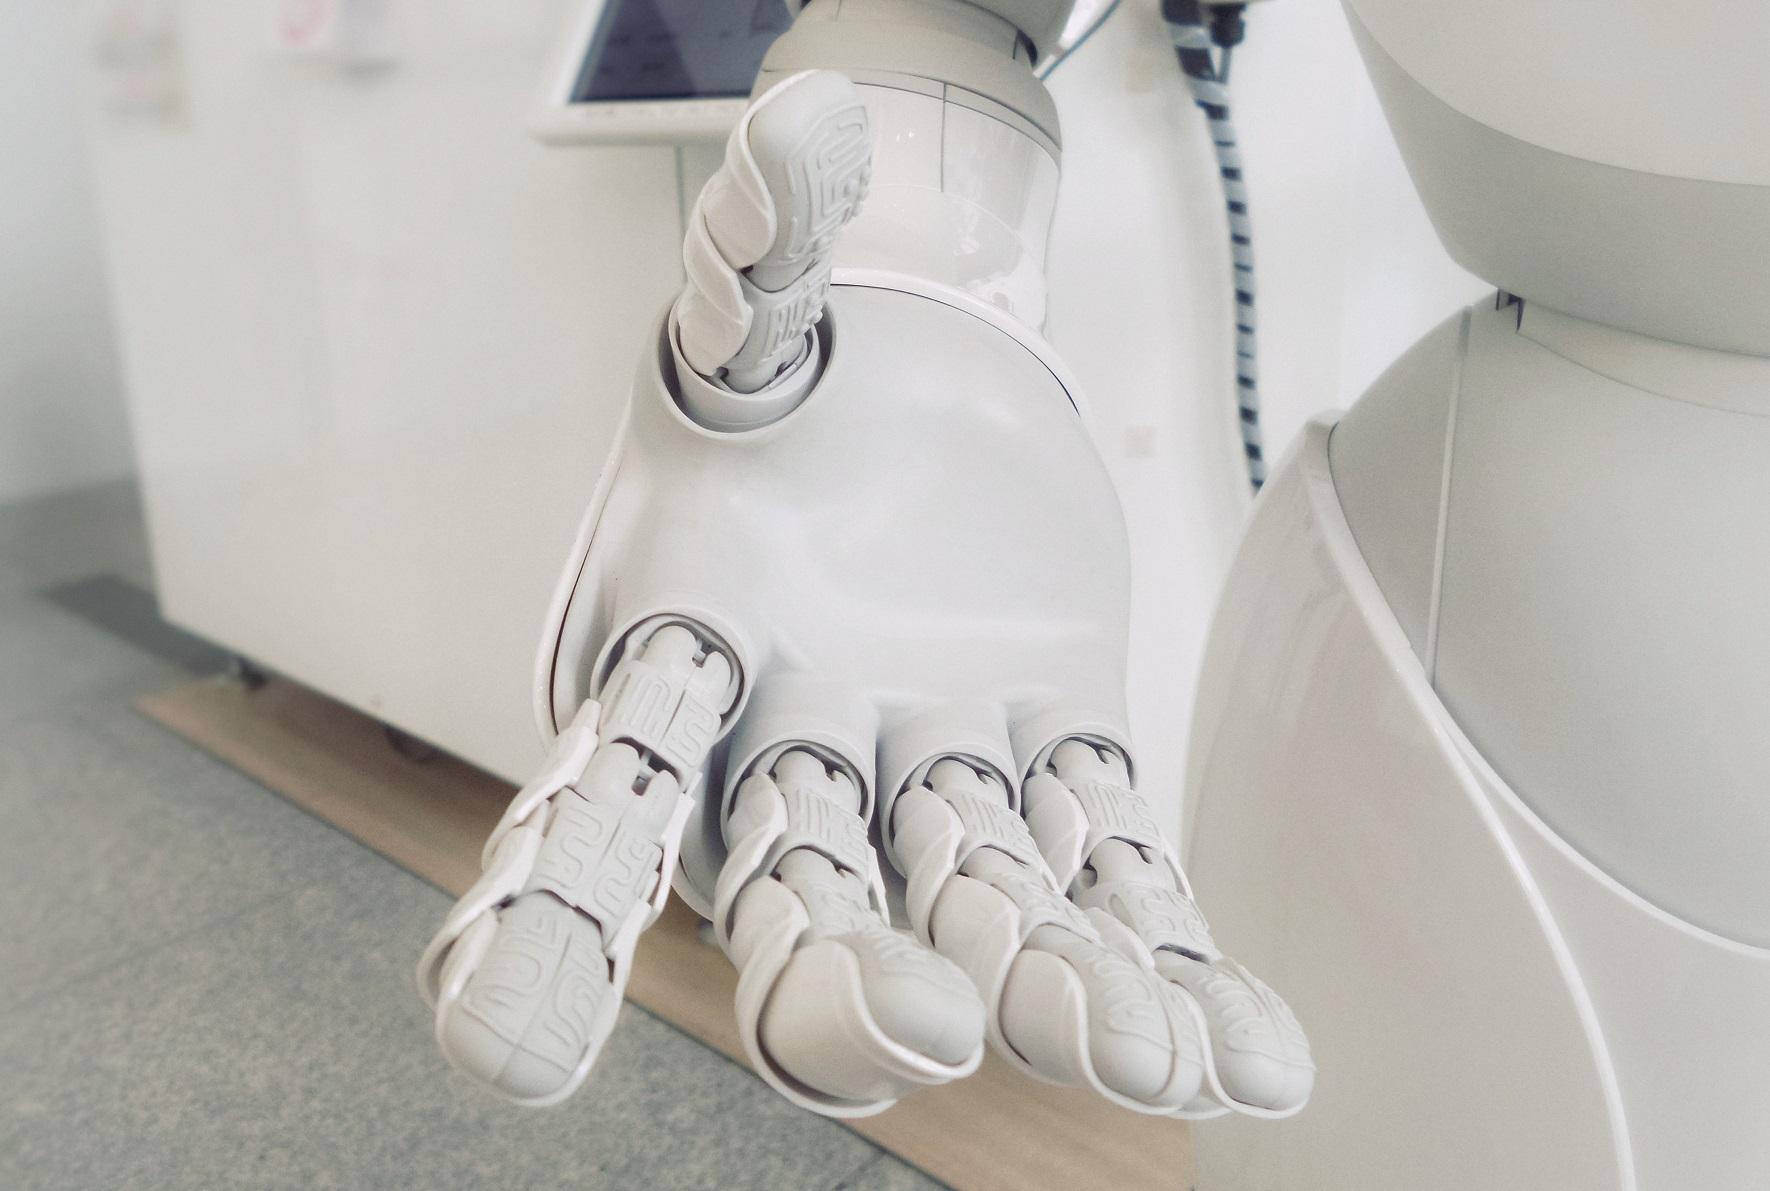 Os Robôs Deveriam ter Direitos? | Universidade Libertária